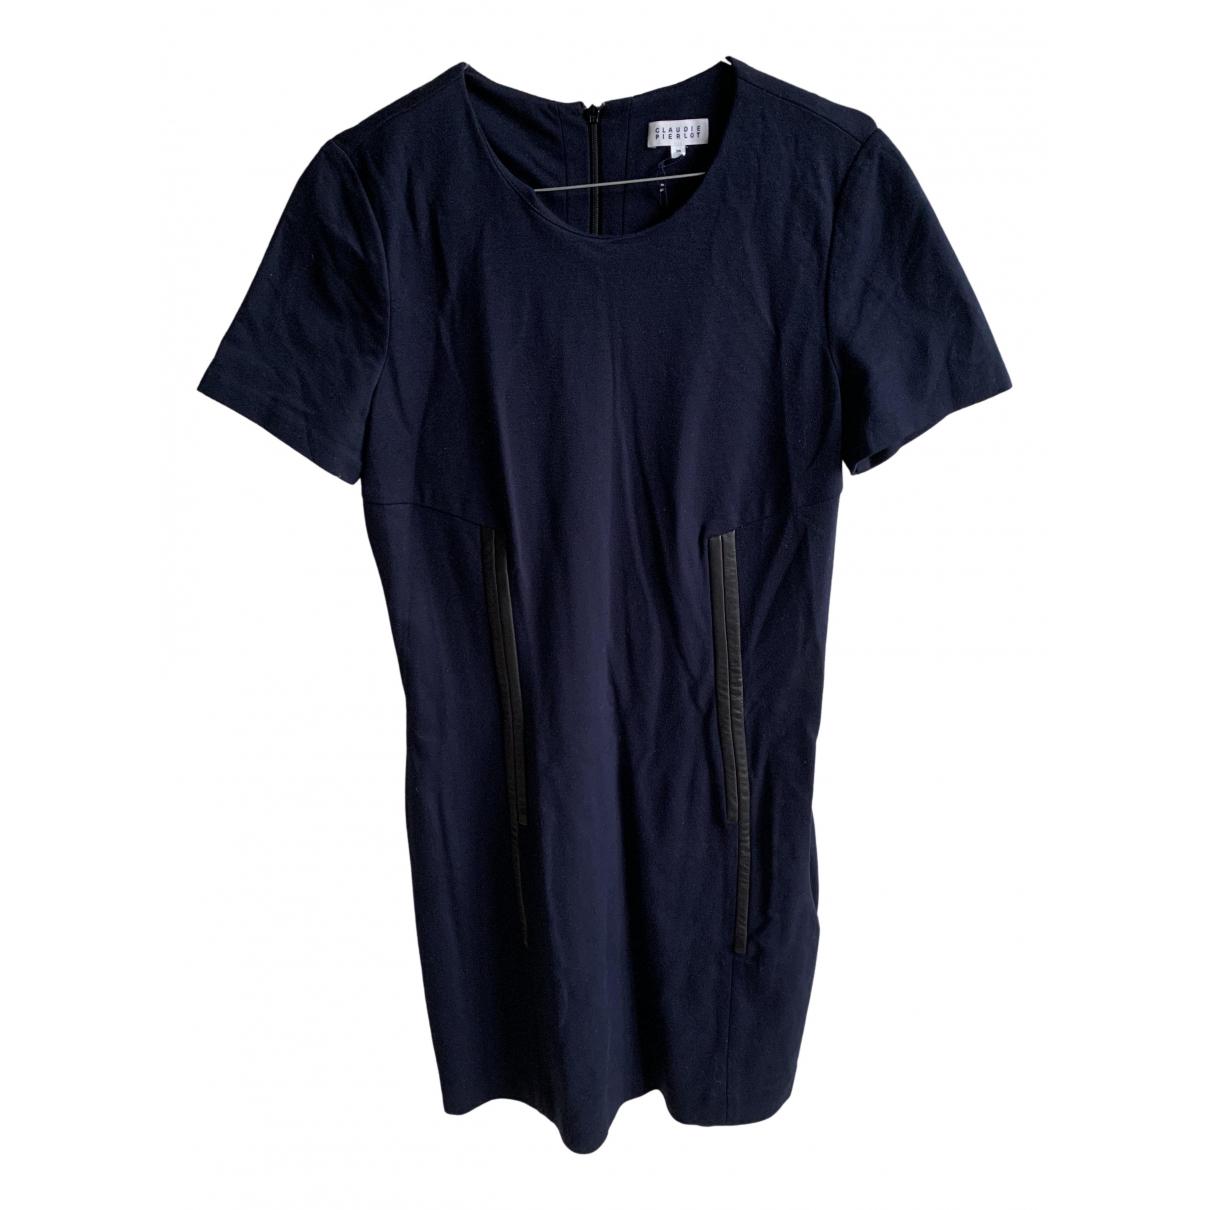 Claudie Pierlot N Blue dress for Women 38 FR